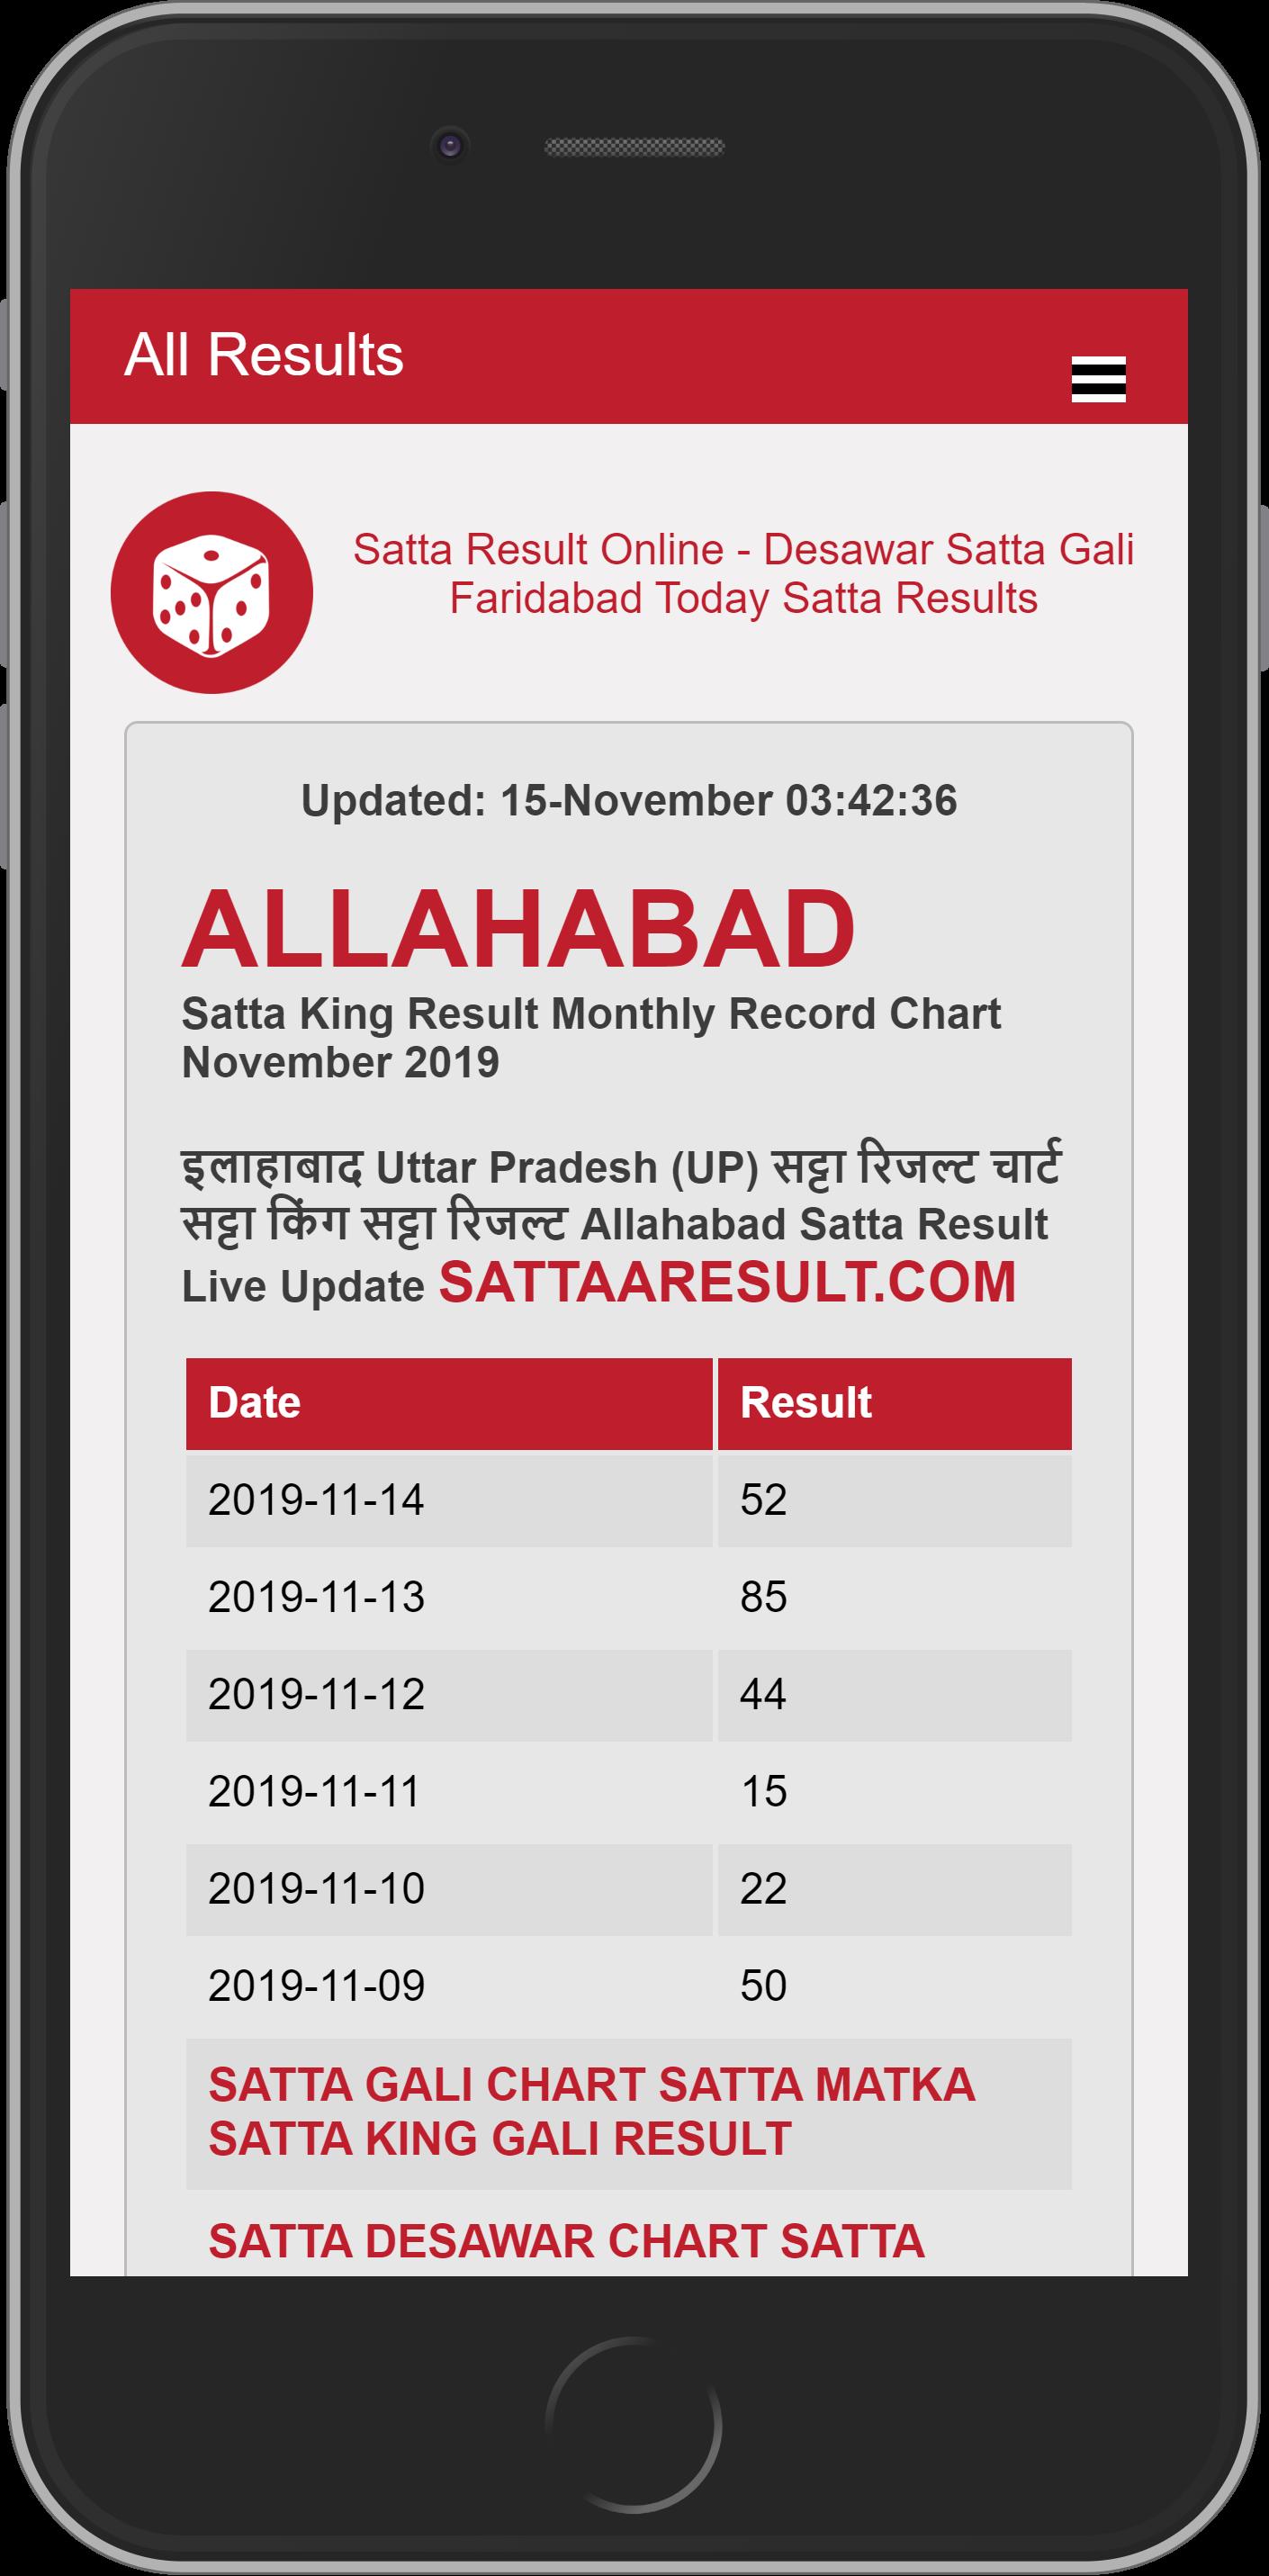 Satta King Allahabad Satta Result Chart 2019 Satta Allahabad 2020